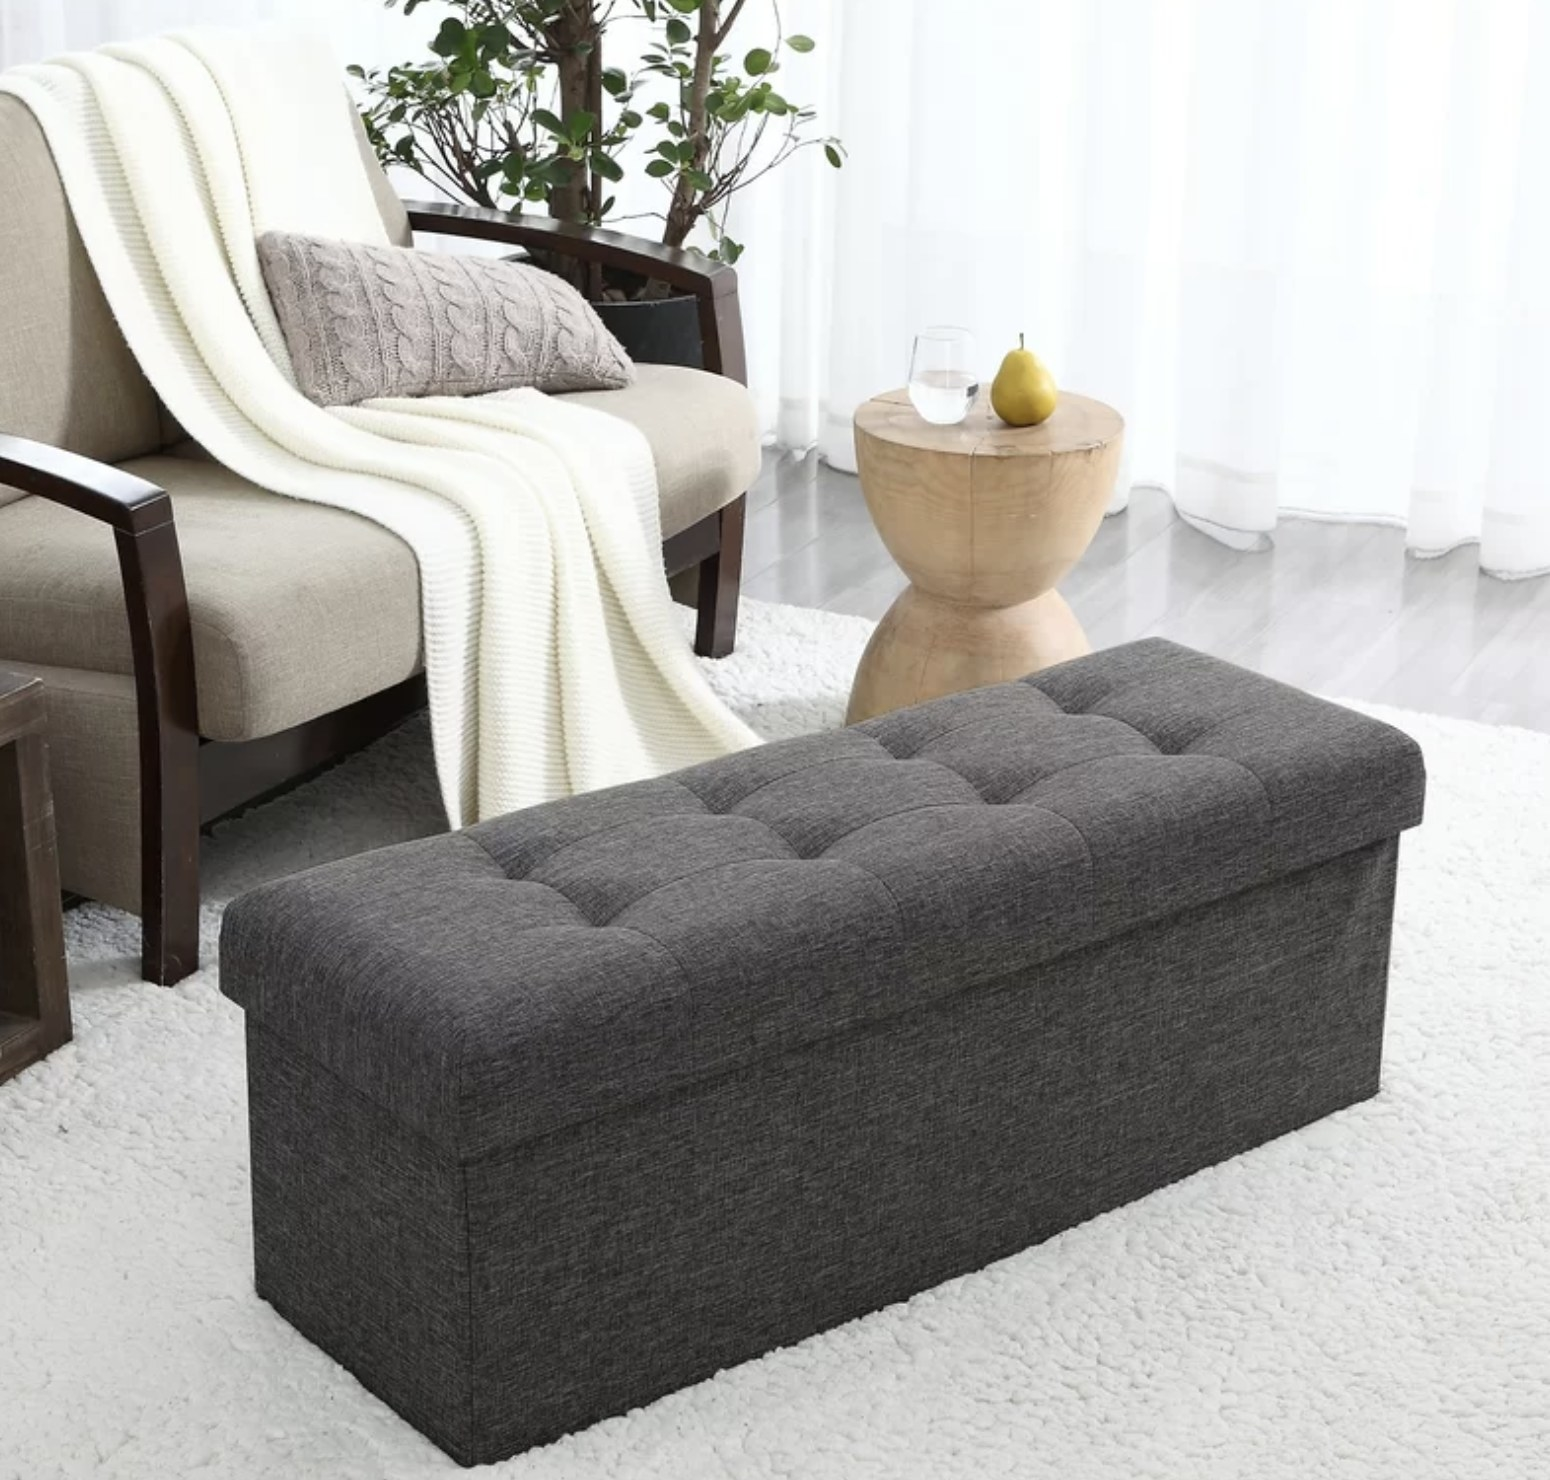 The dark grey storage bench